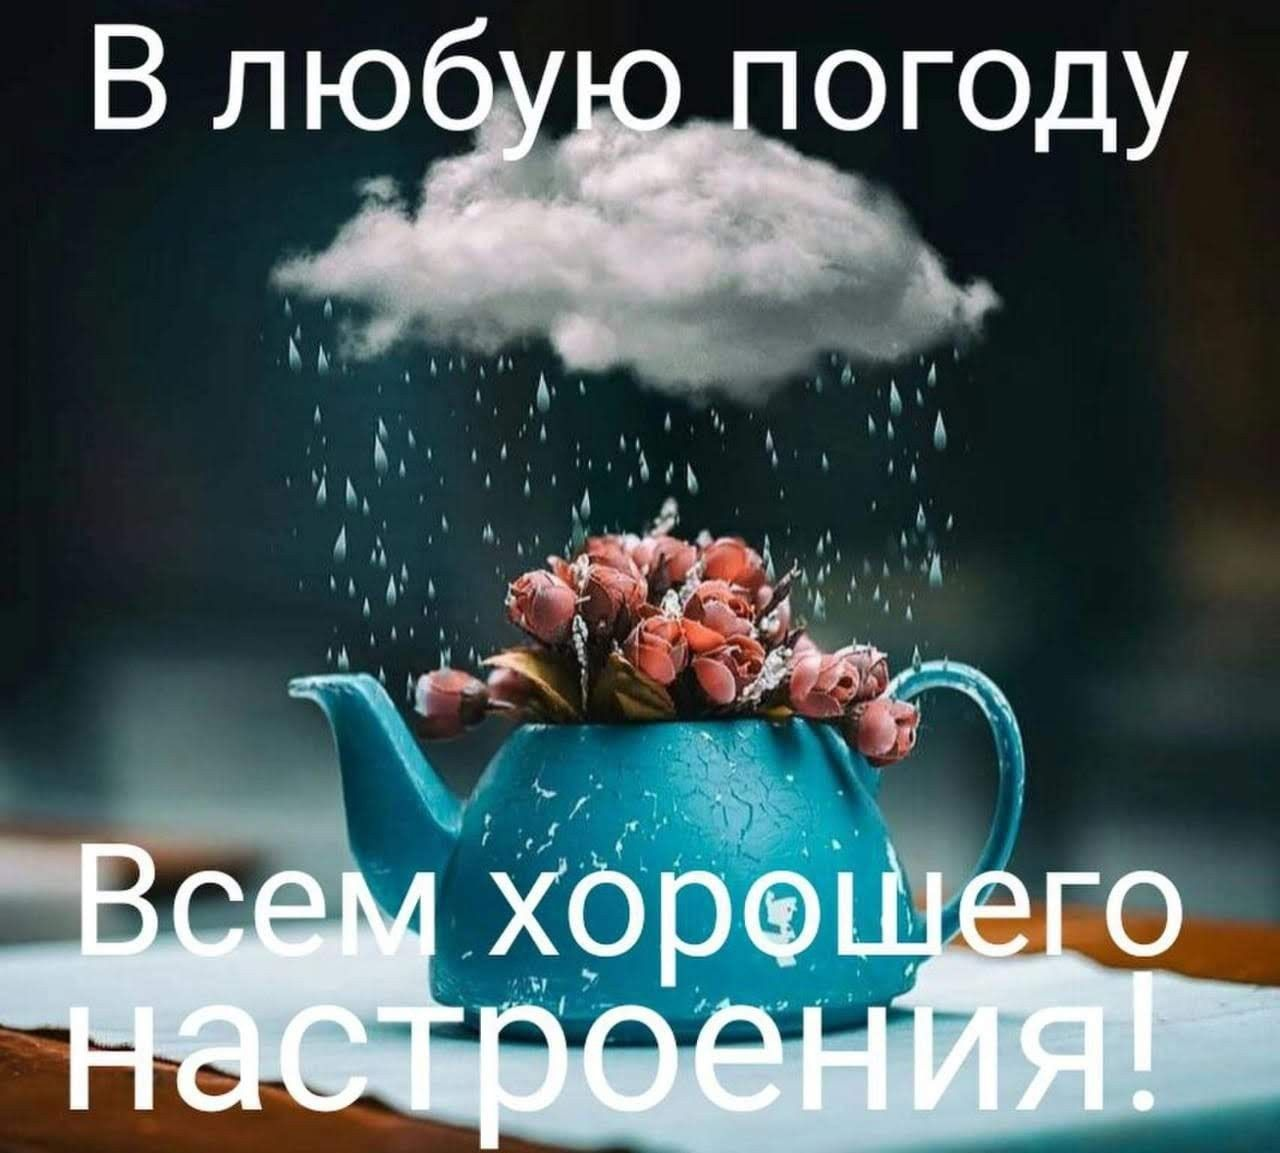 Поздравлять, картинки настроения в любую погоду